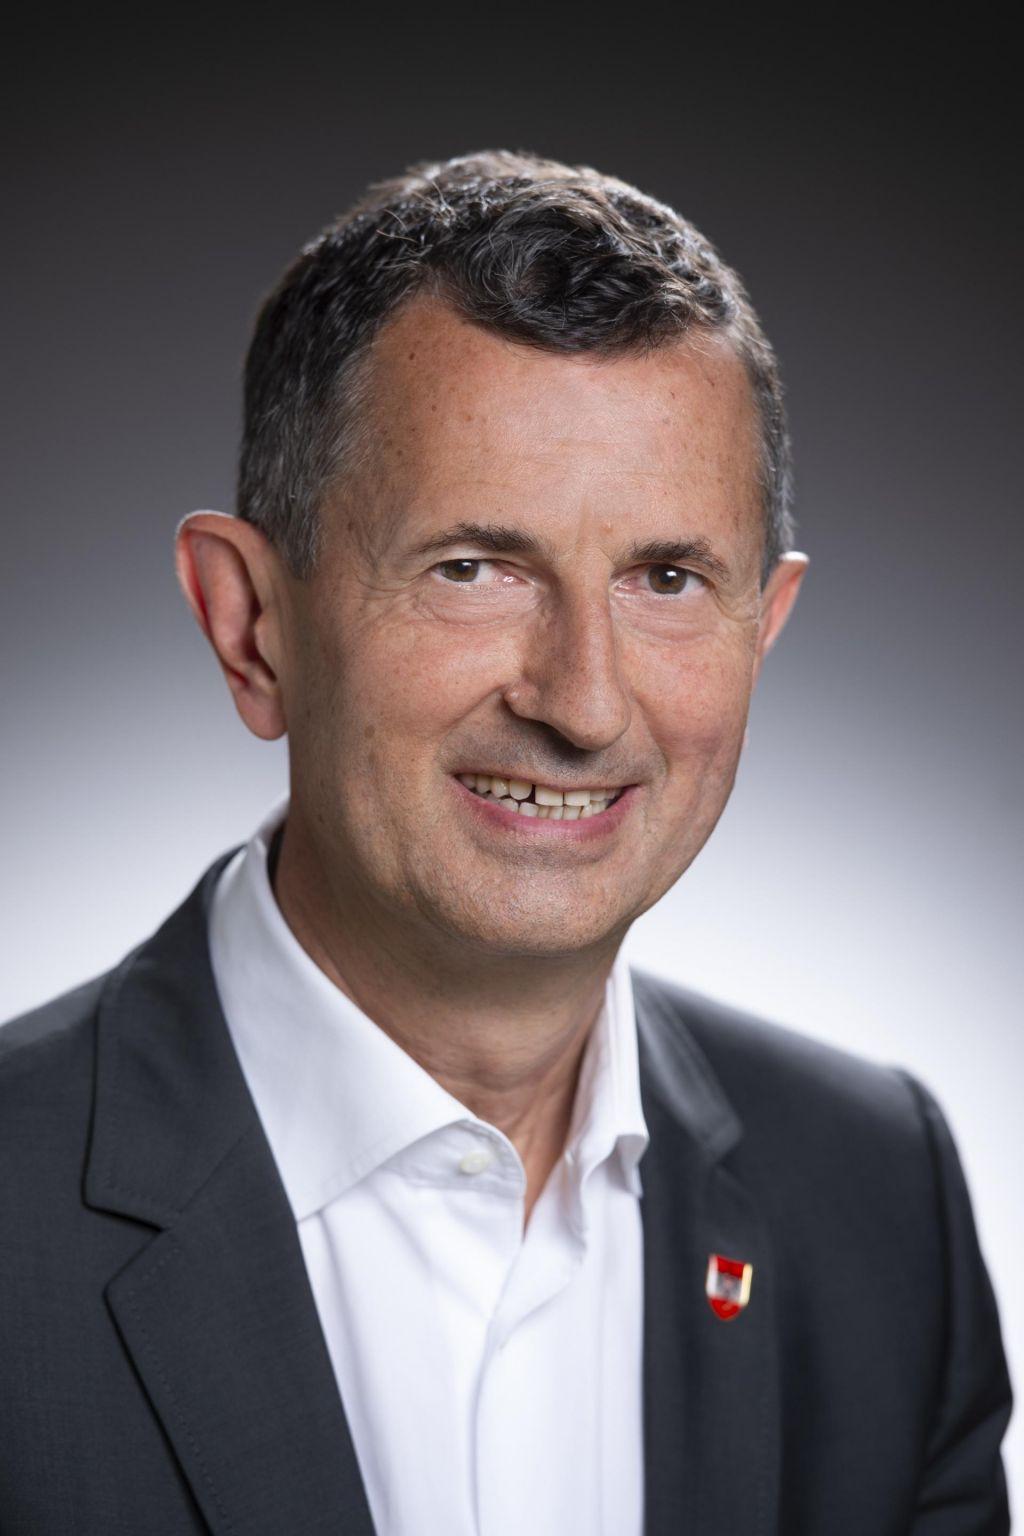 Avstrijski obrambni minister zahteva več denarja za obrambo